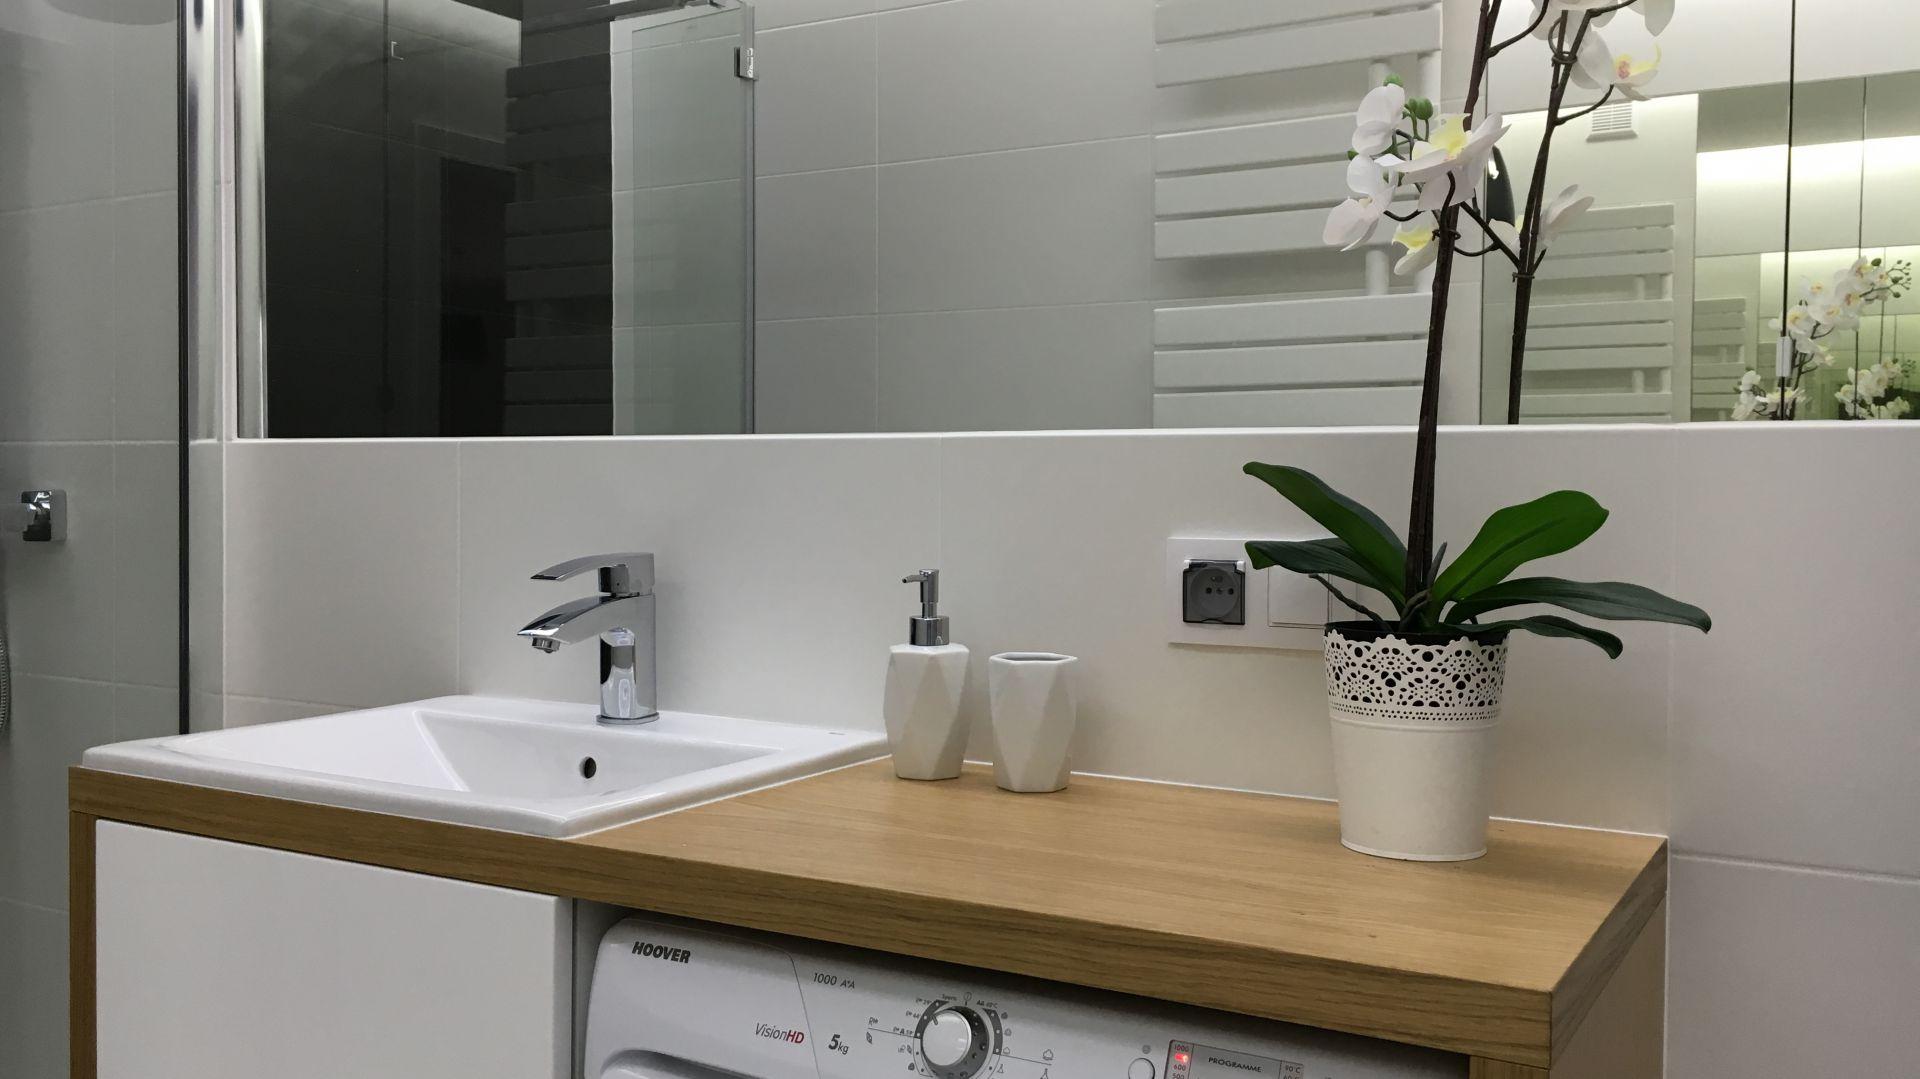 Właściciel łazienki miał bardzo konkretne oczekiwania. Przede wszystkim zależało mu na kabinie z odpływem liniowym zamiast wanny oraz na zaprojektowaniu przestrzeni pod pralkę, która nieco ją ukryje. Fot. Luxrad